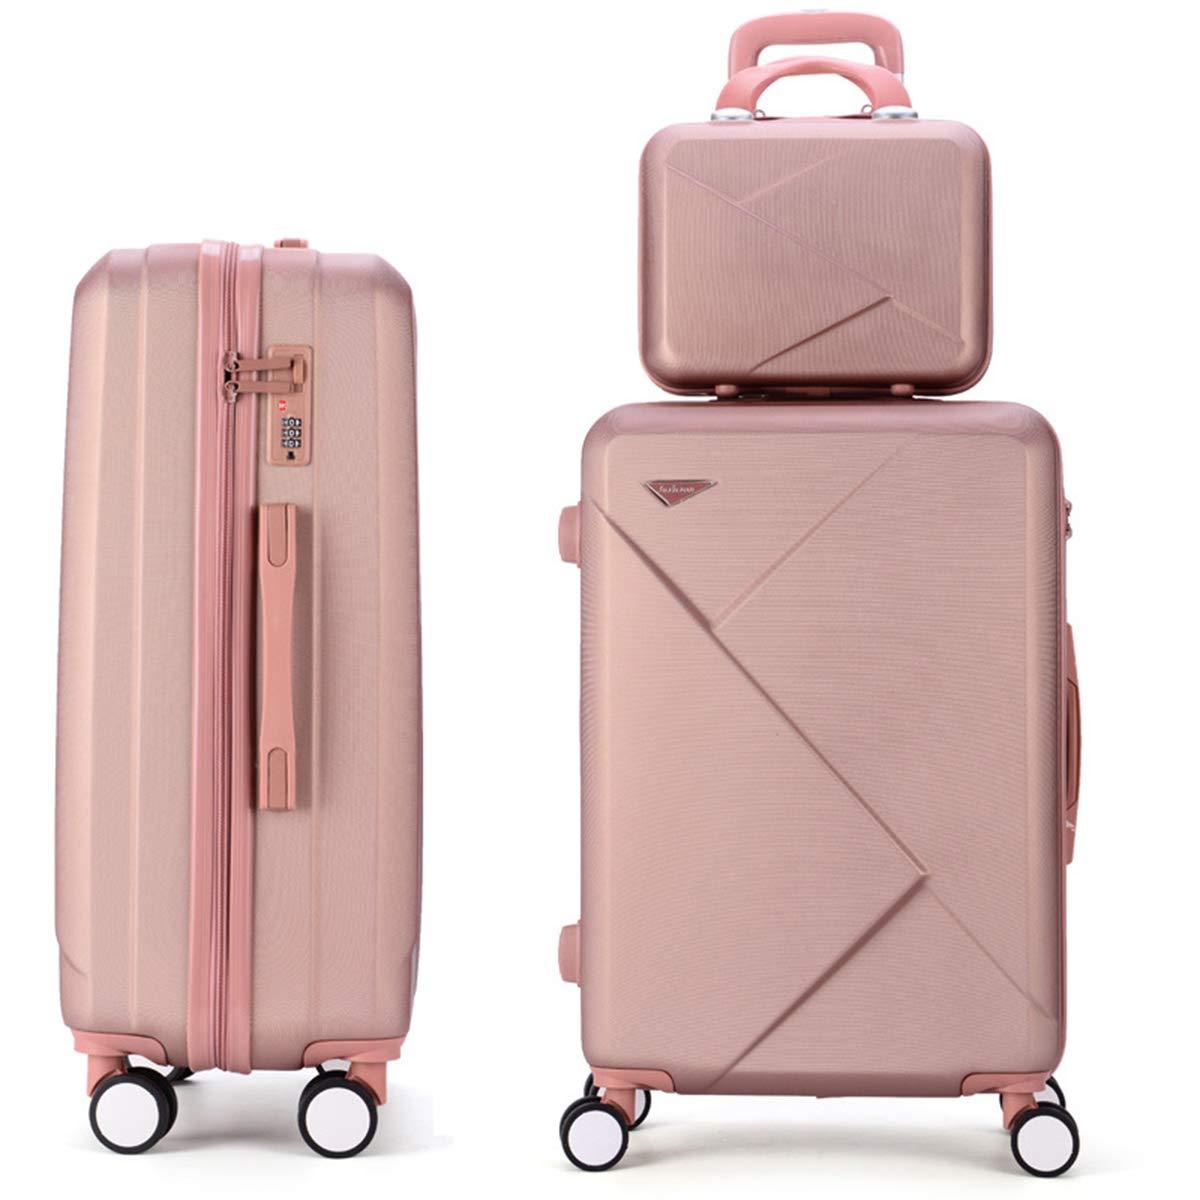 ファッションヴィンテージトロリースーツケース、レトロabsハードトランク360°スピナー軽量キャリースーツケース付きTSAロック付き学生男性女性,gold,20+14in B07RBXLXVL gold 20+14in